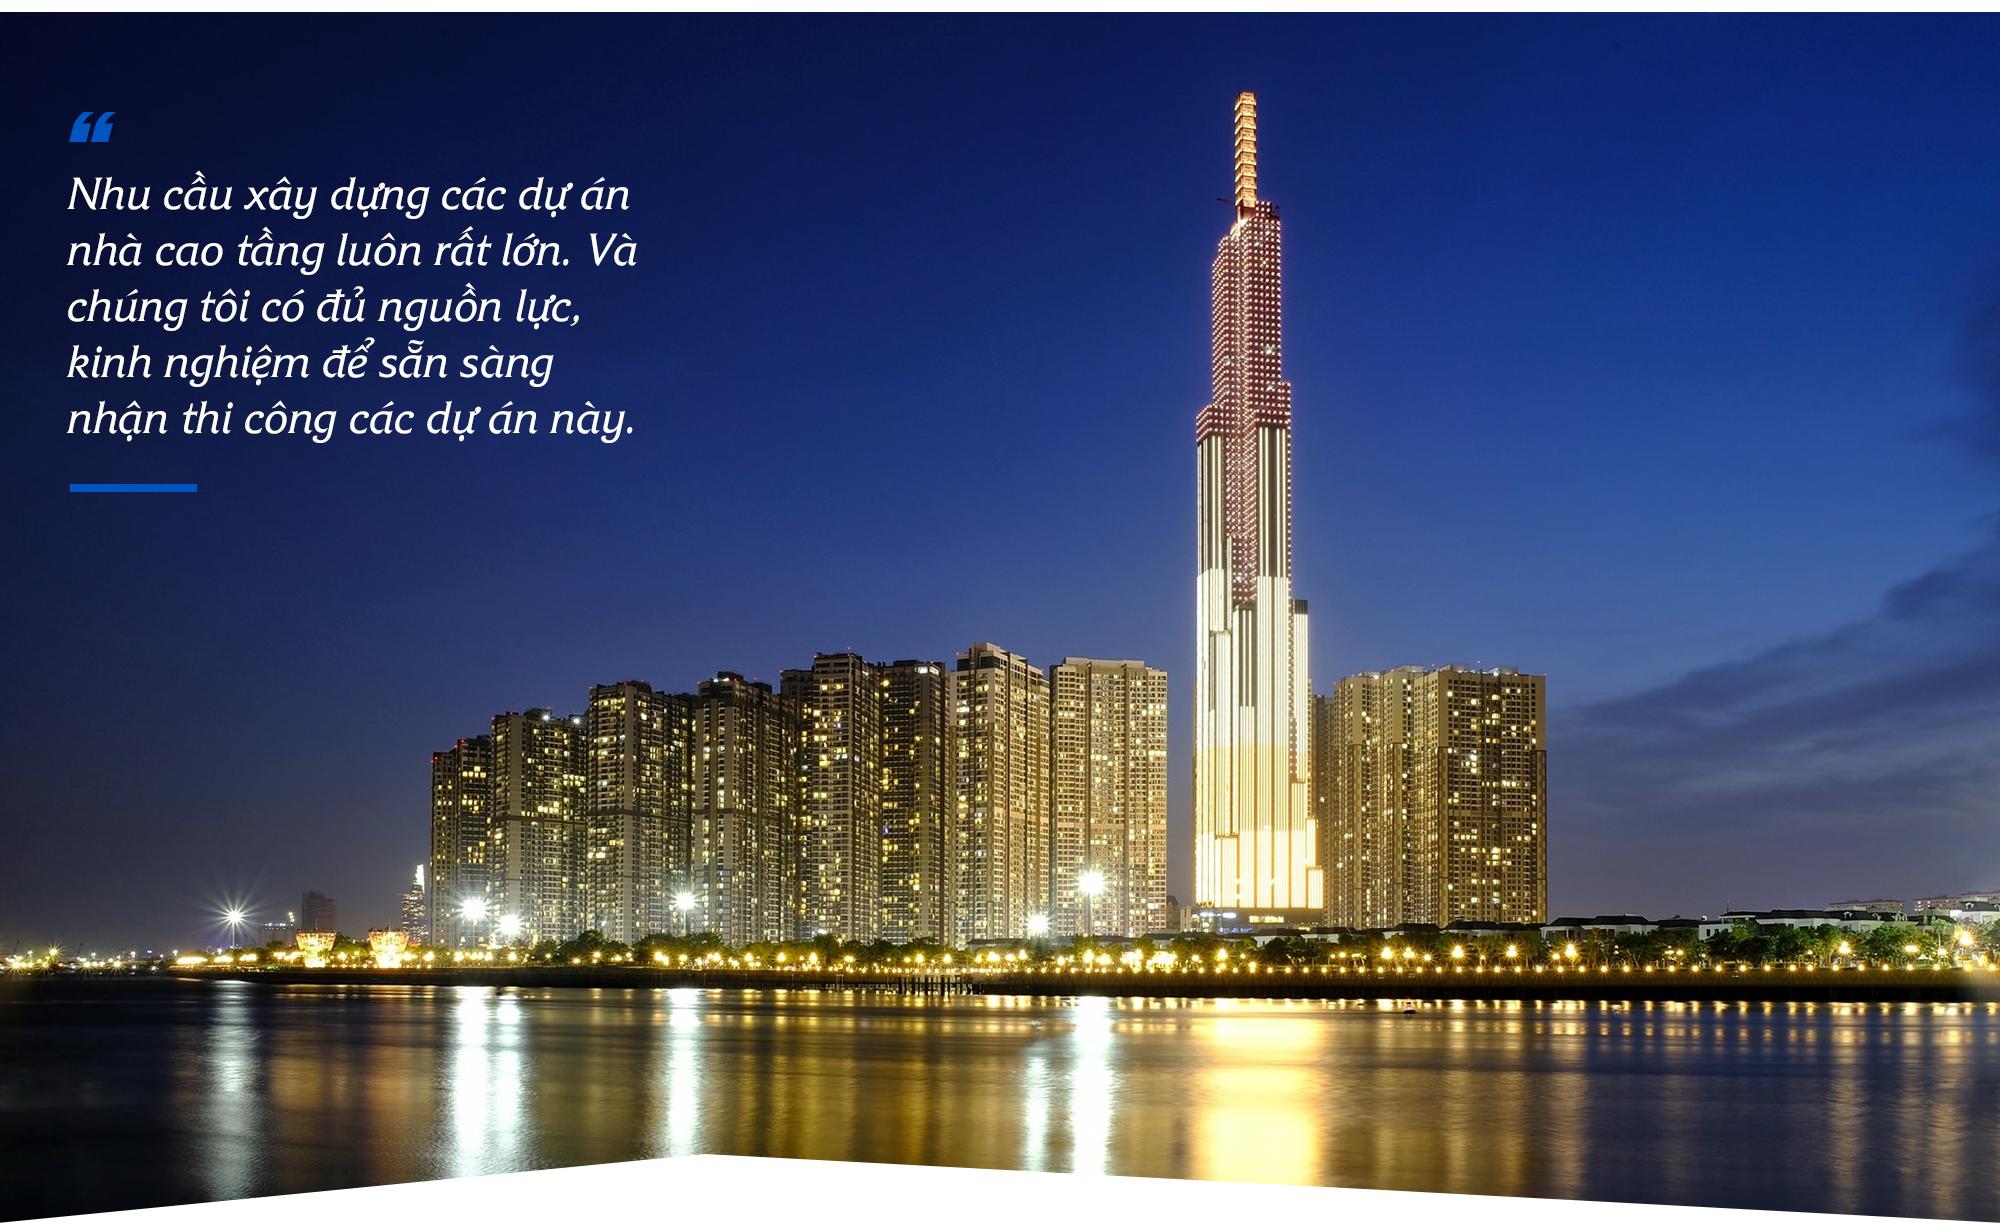 """Gặp người đàn ông xây toà nhà cao nhất Việt Nam: """"Chúng tôi đủ sức làm nên những công trình dẫn đầu thị trường"""" - Ảnh 3."""